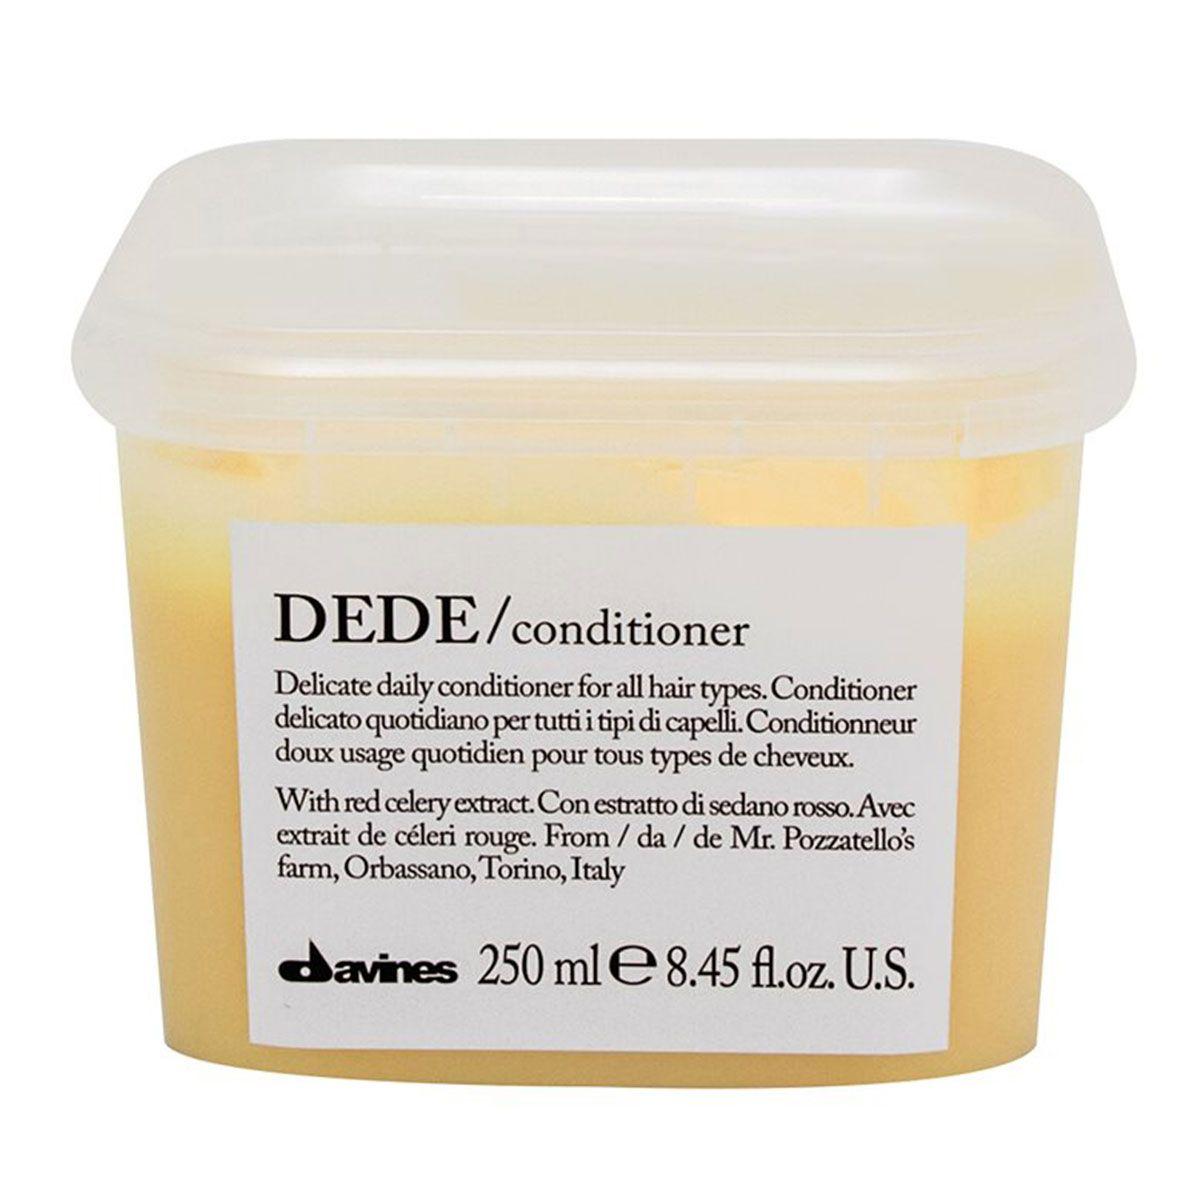 Davines Деликатный кондиционер Essential Haircare New Dede Conditioner, 250 млFS-00897Особая серия для бережного очищения волос любого типа. Активный экстракт красного сельдерея восстанавливает и питает локоны. Богатая важными антиоксидантами формула восстанавливает локоны. Минеральные соли, амино кислоты в высокой концентрации обеспечивают благоприятное воздействие на кудри, полностью очищают волосы, дарят им свежесть и чистоту.